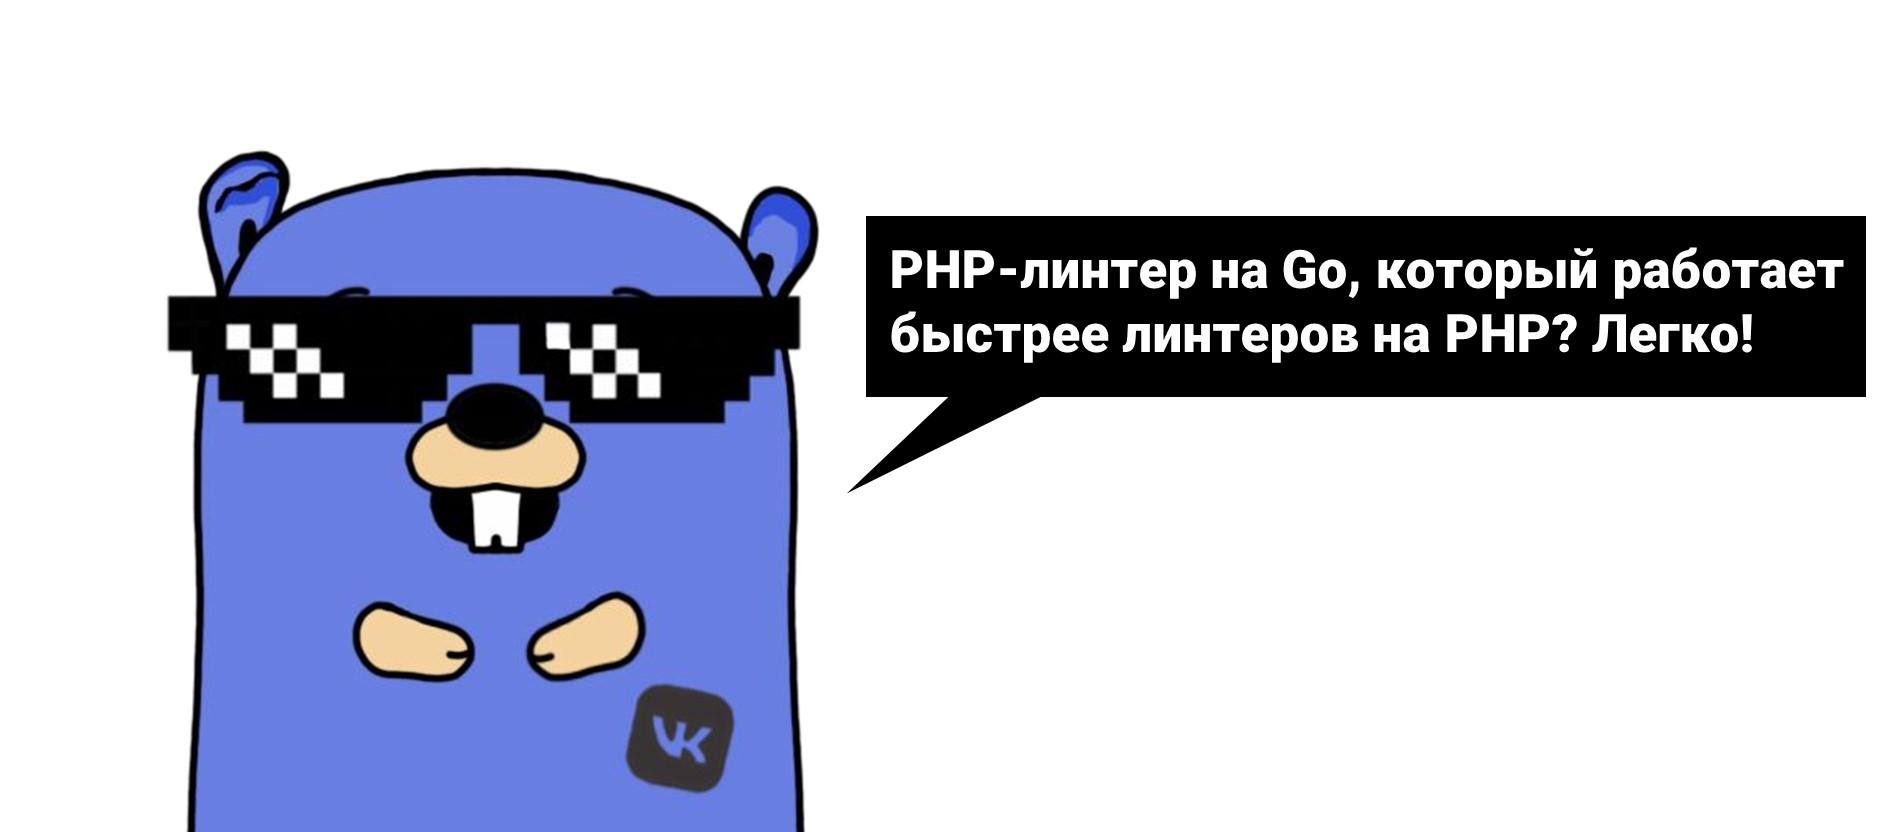 NoVerify: PHP-линтер, который работает быстро - 1